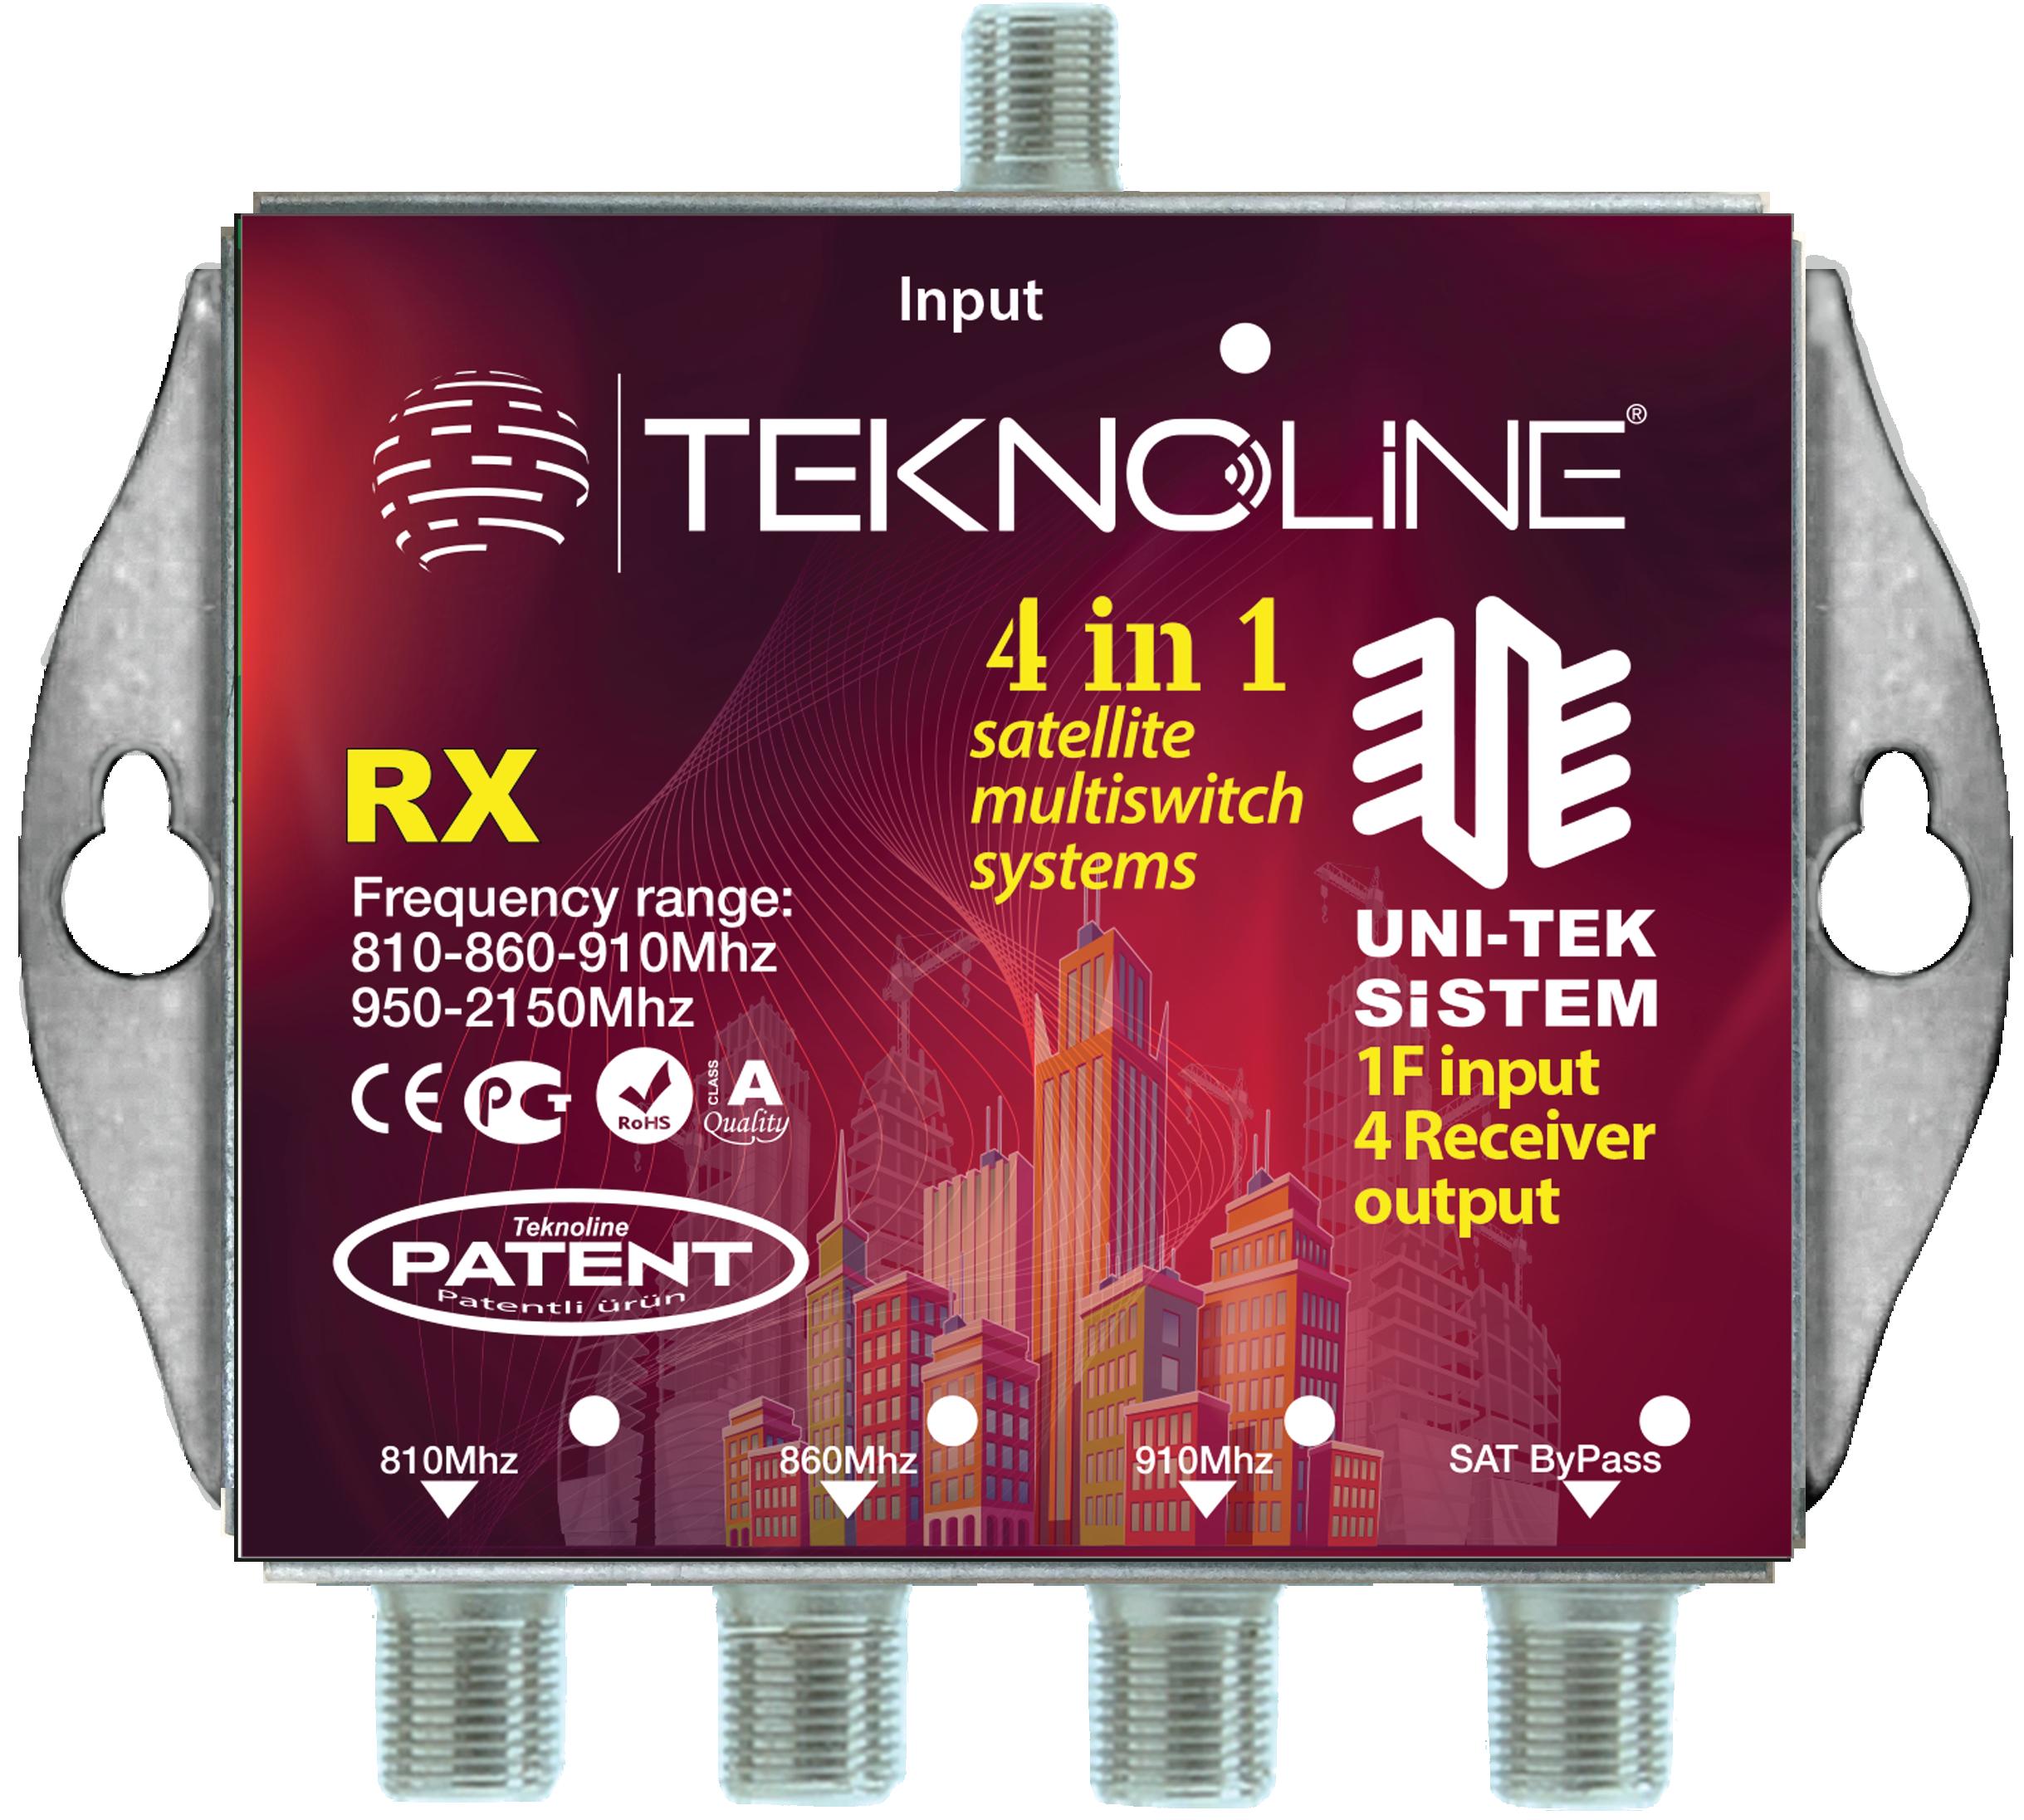 UNI-TEK SYSTEM RX